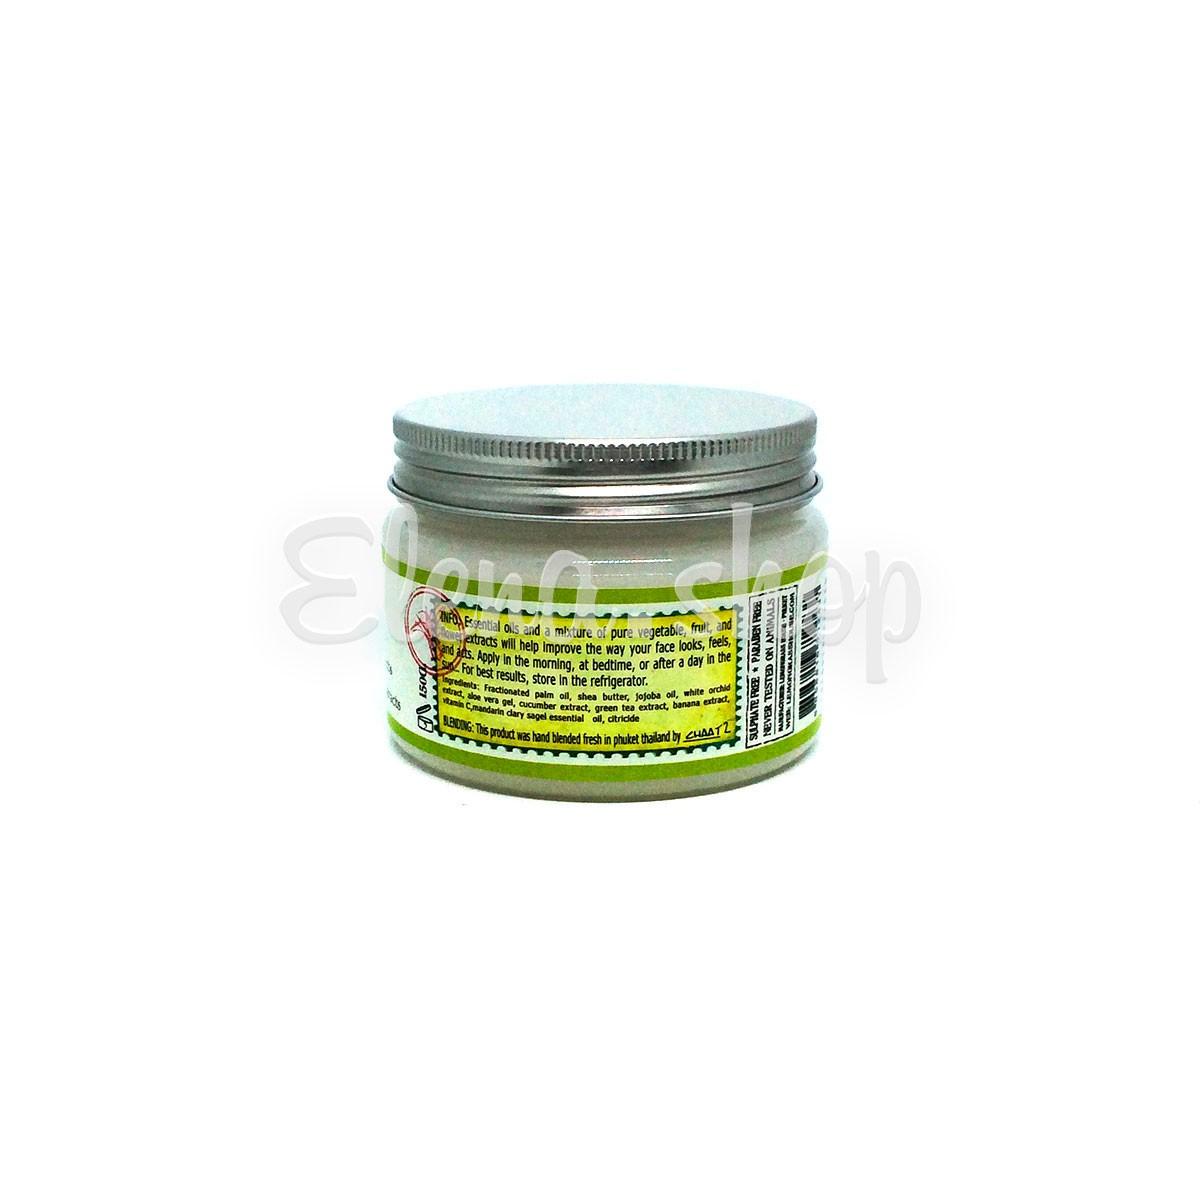 Увлажняющий крем для лица с экстрактом Зеленого чая от Lemongrass House